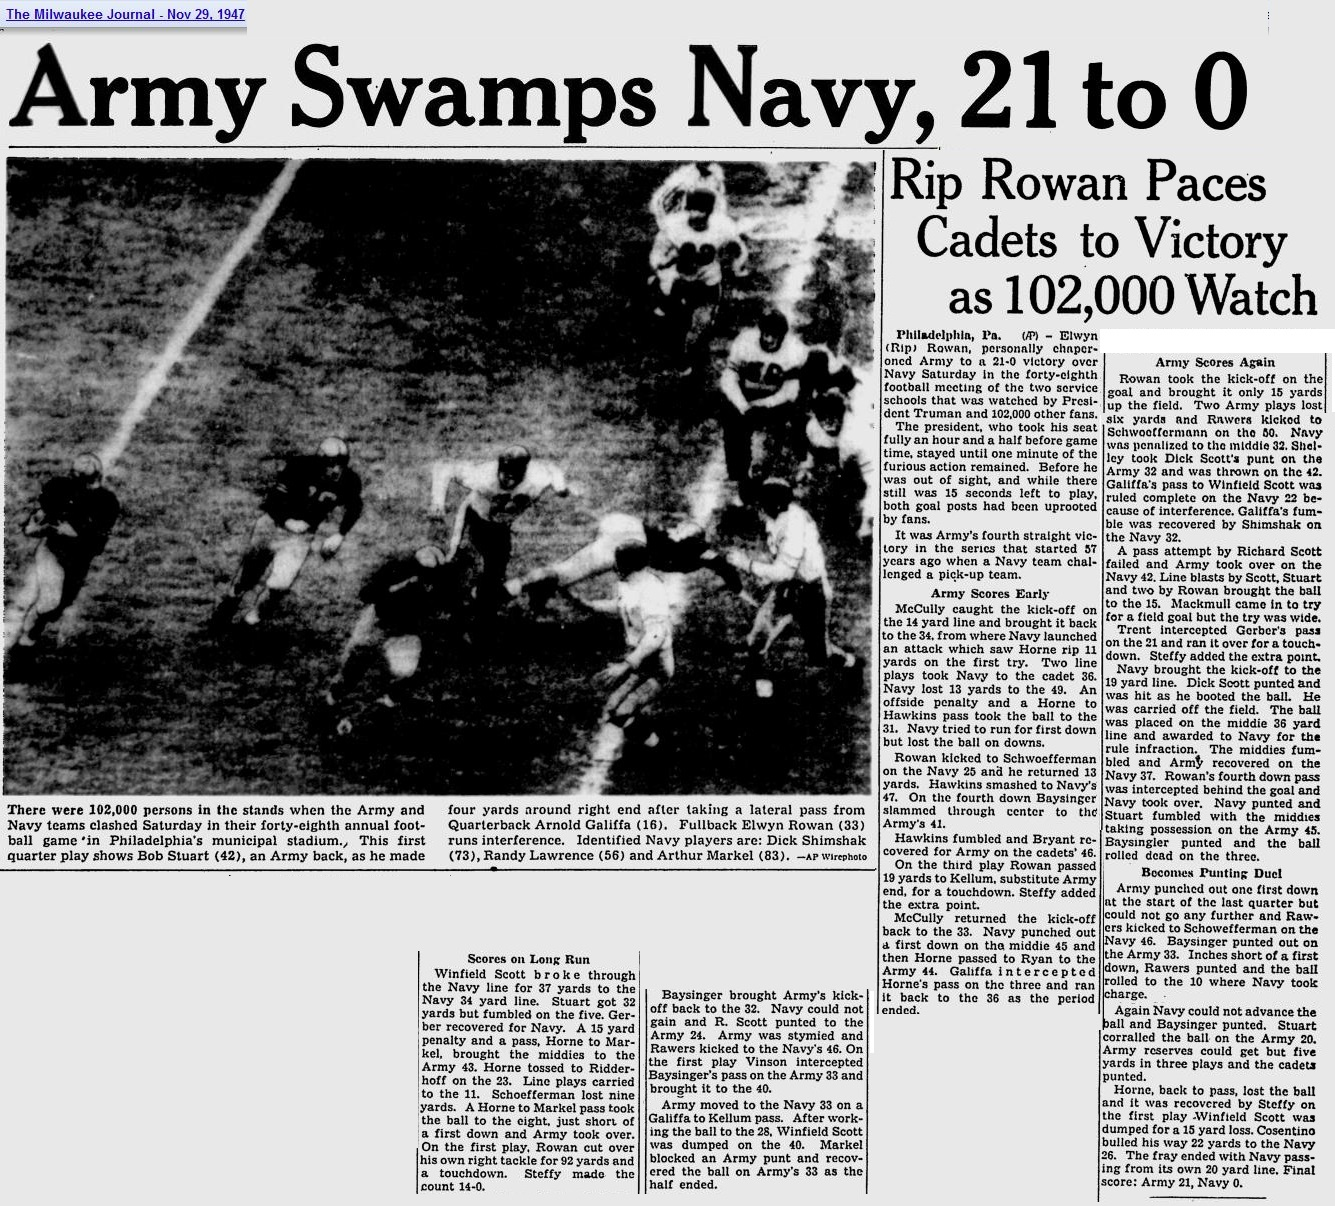 ArmyFB_1947_vsNavy_MilwaukeeJournal_Nov291947